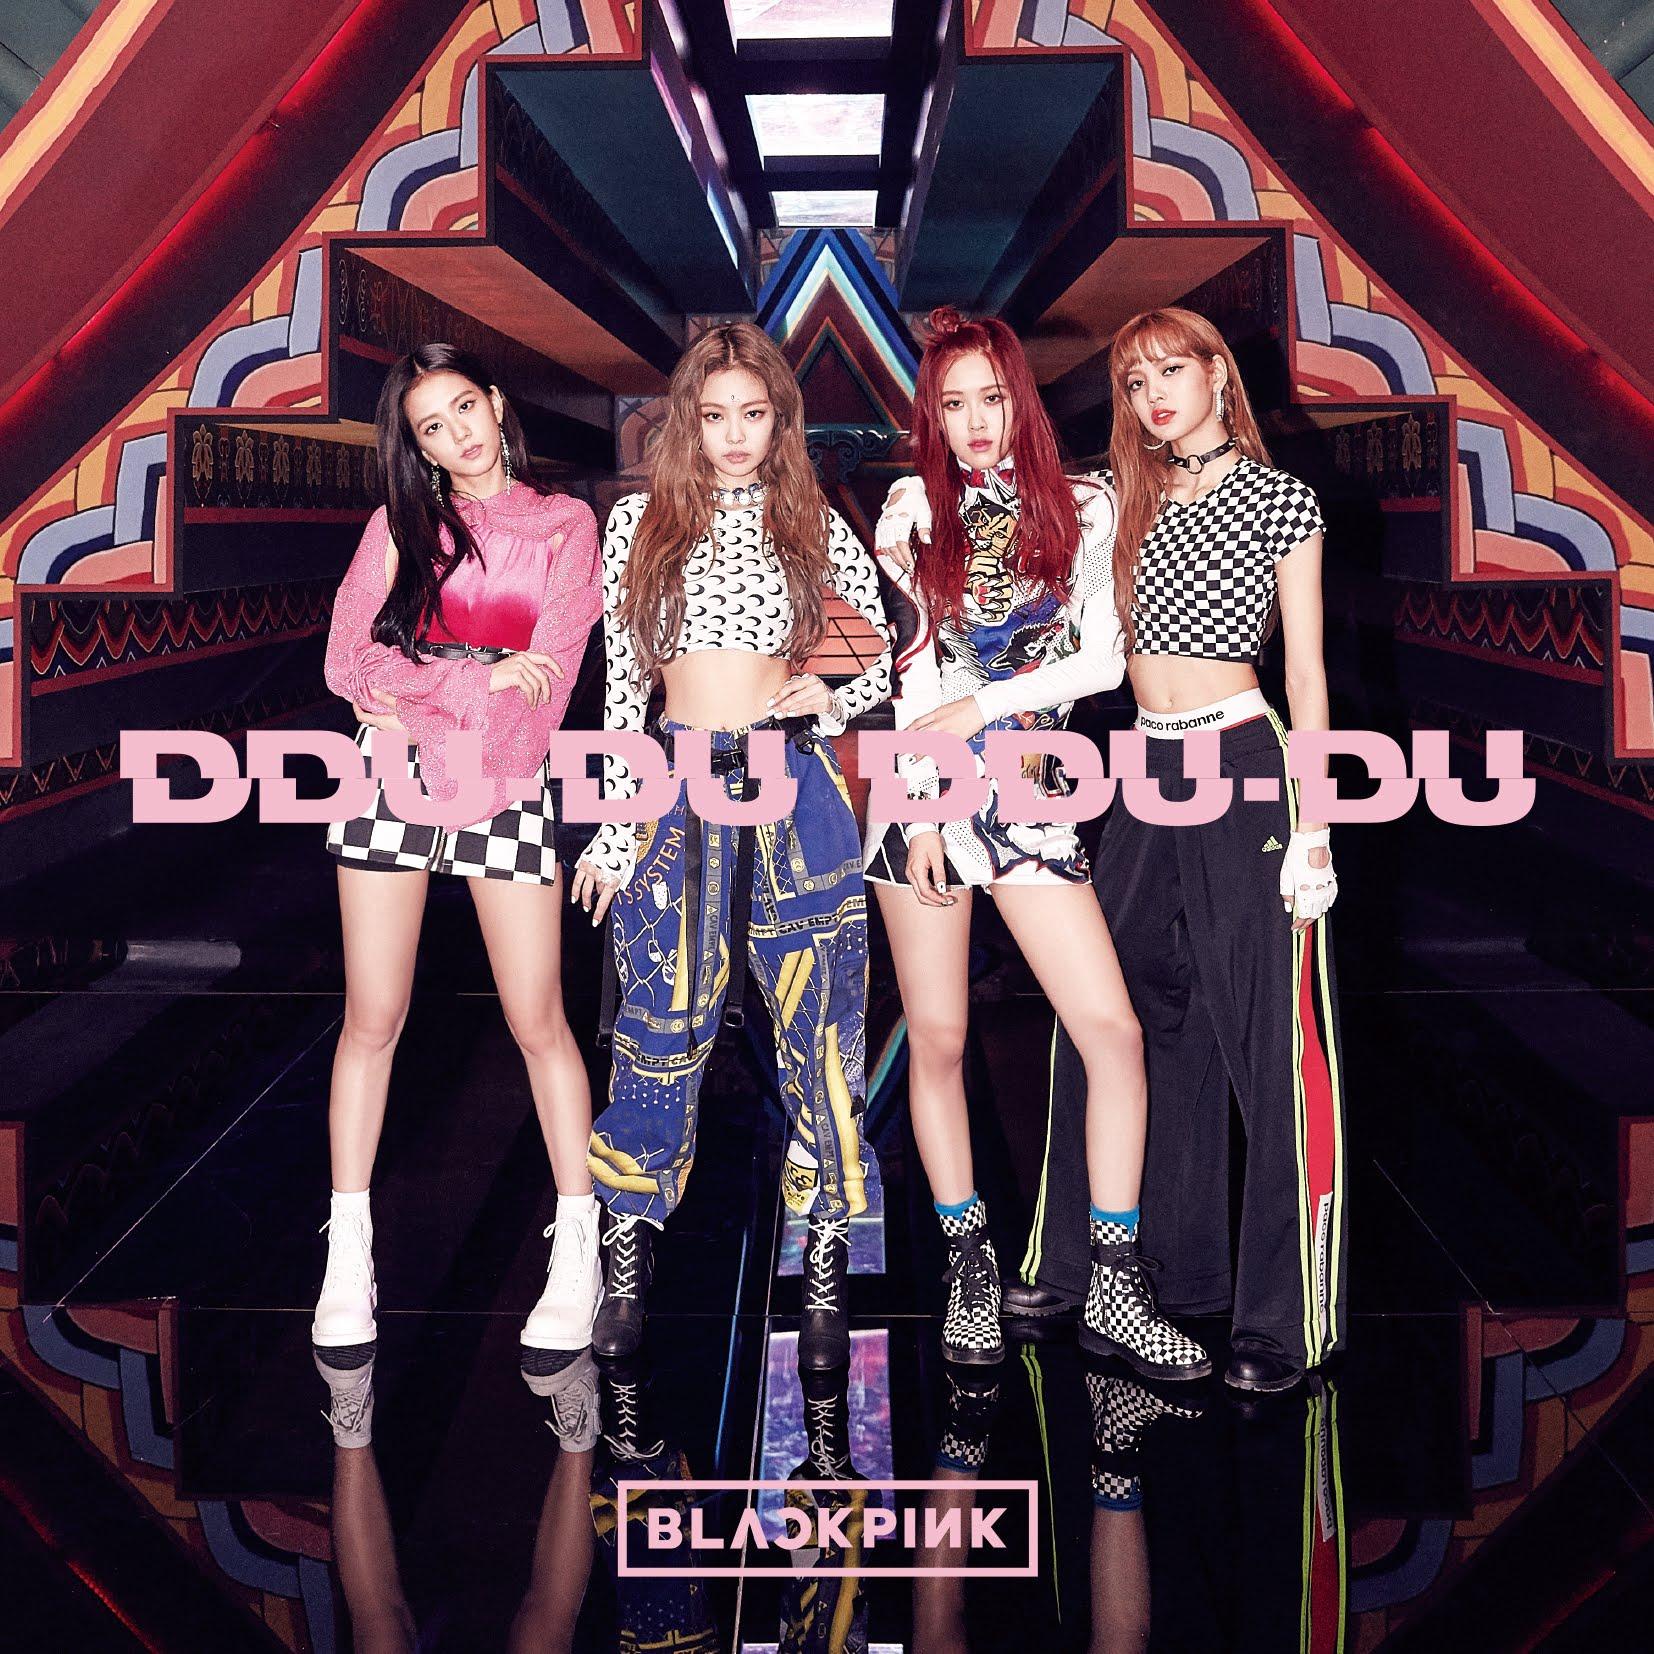 Blackpink Nghe Tải Album Blackpink: BLACKPINK アリーナツアー福岡公演も大盛況!8月22日(水)シングル発売!